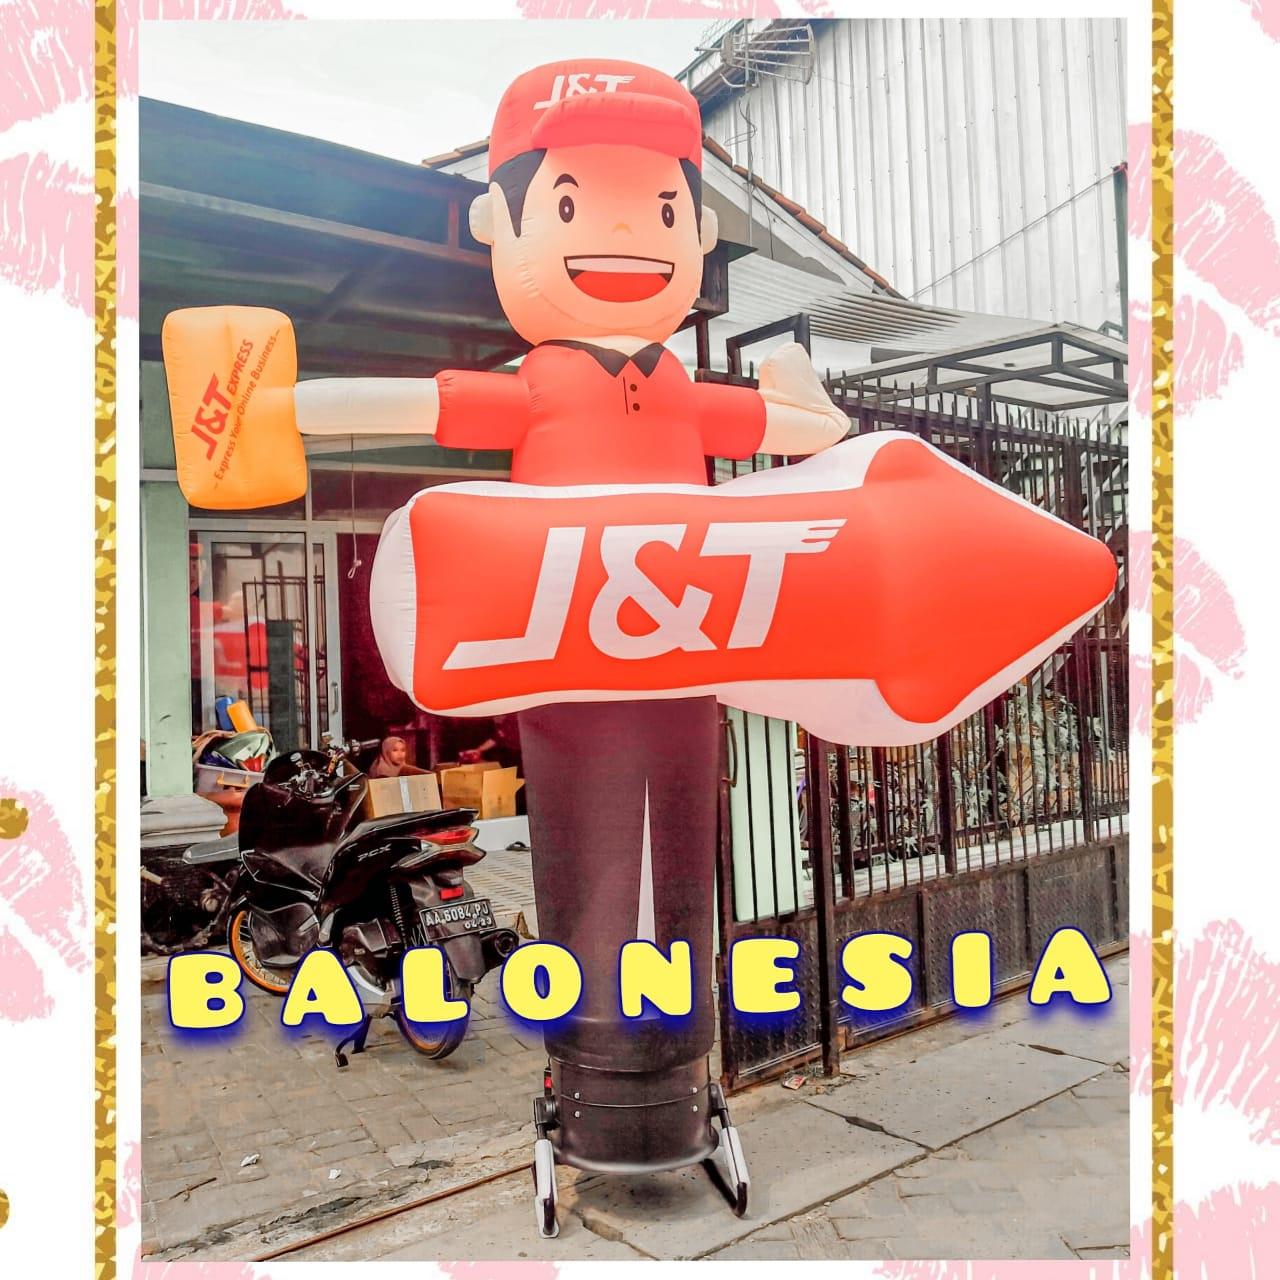 Balon Dancer